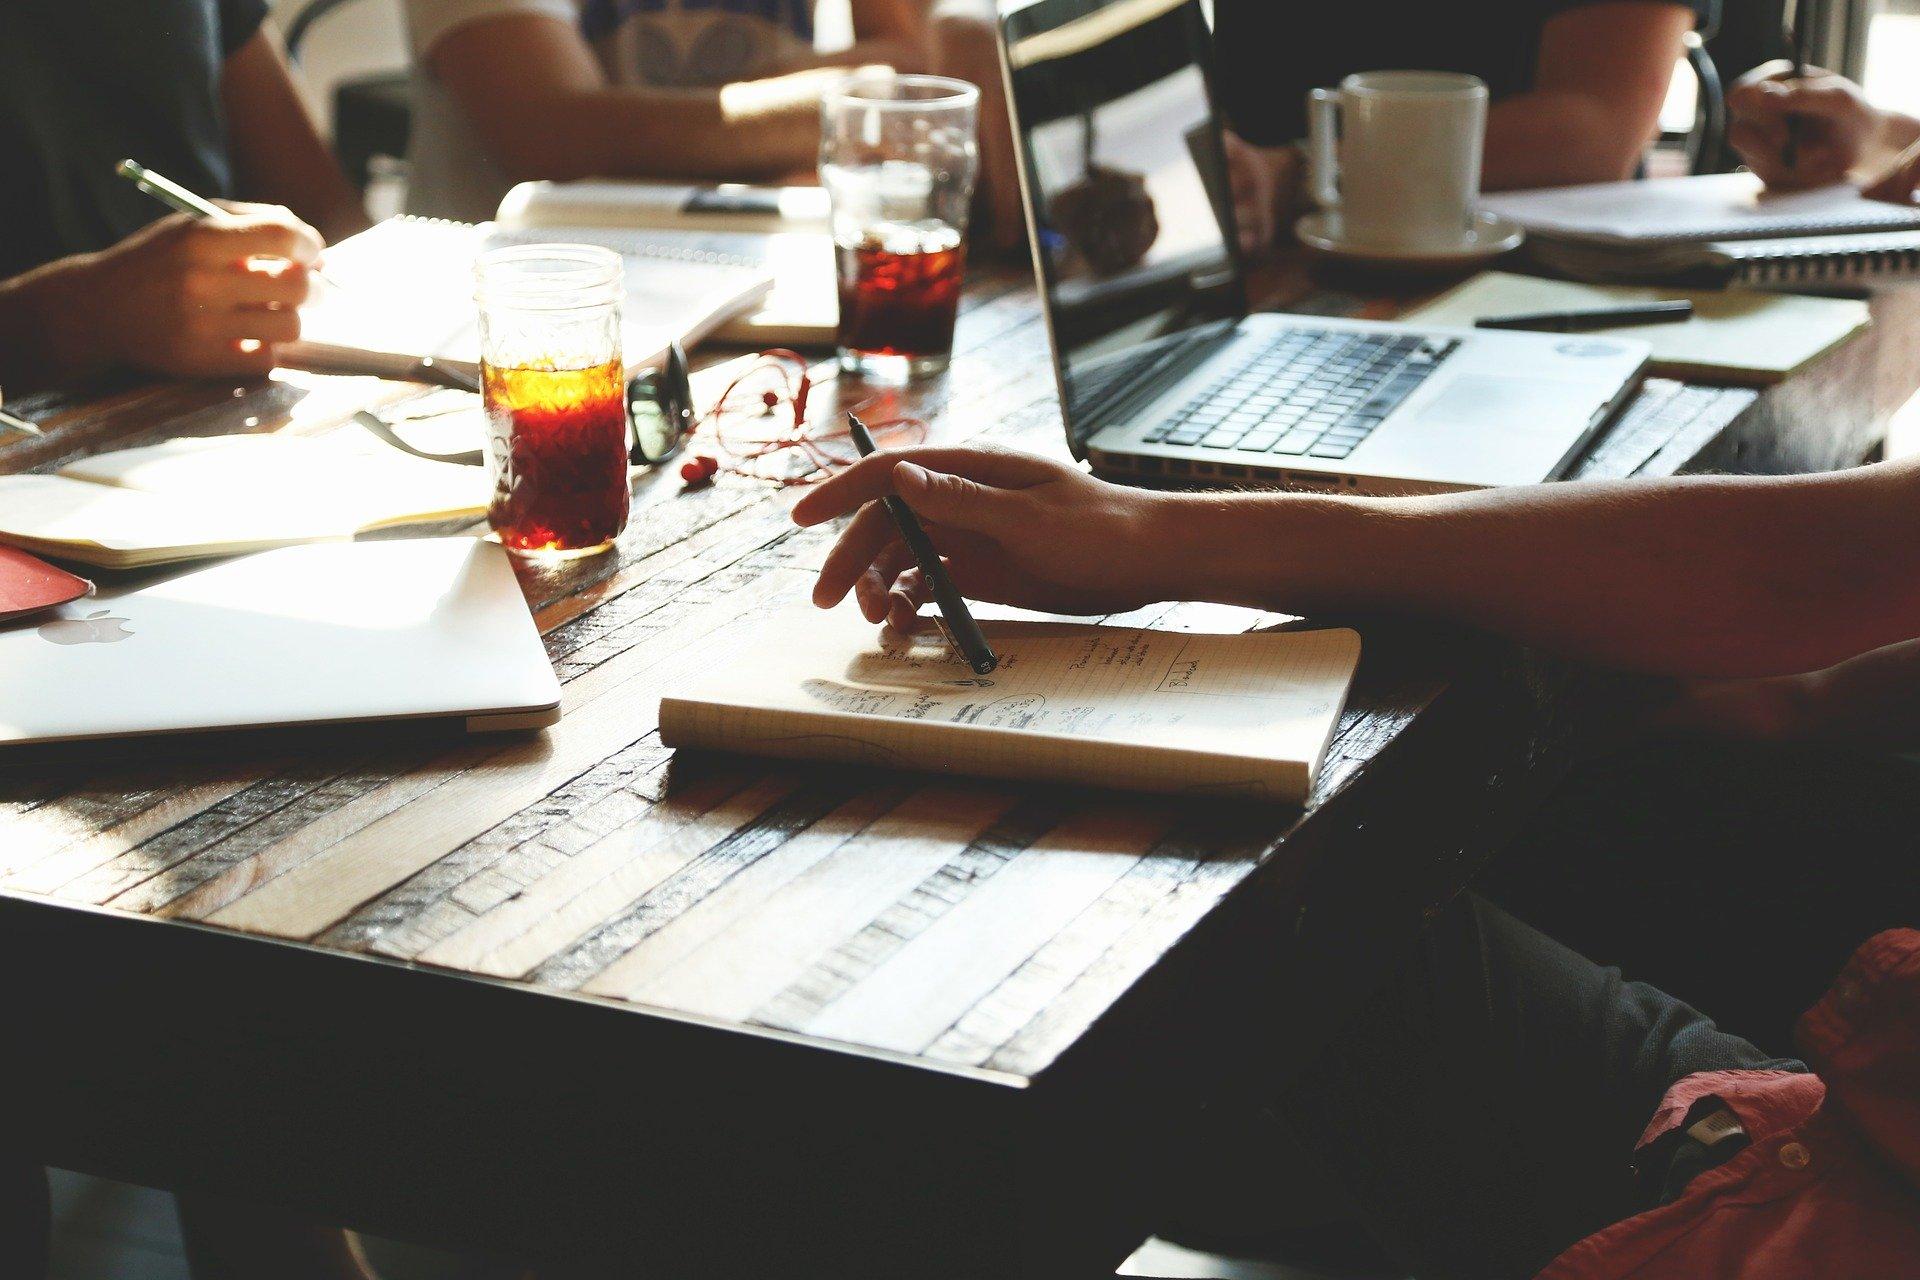 Litige au travail : pourquoi contacter un avocat ?